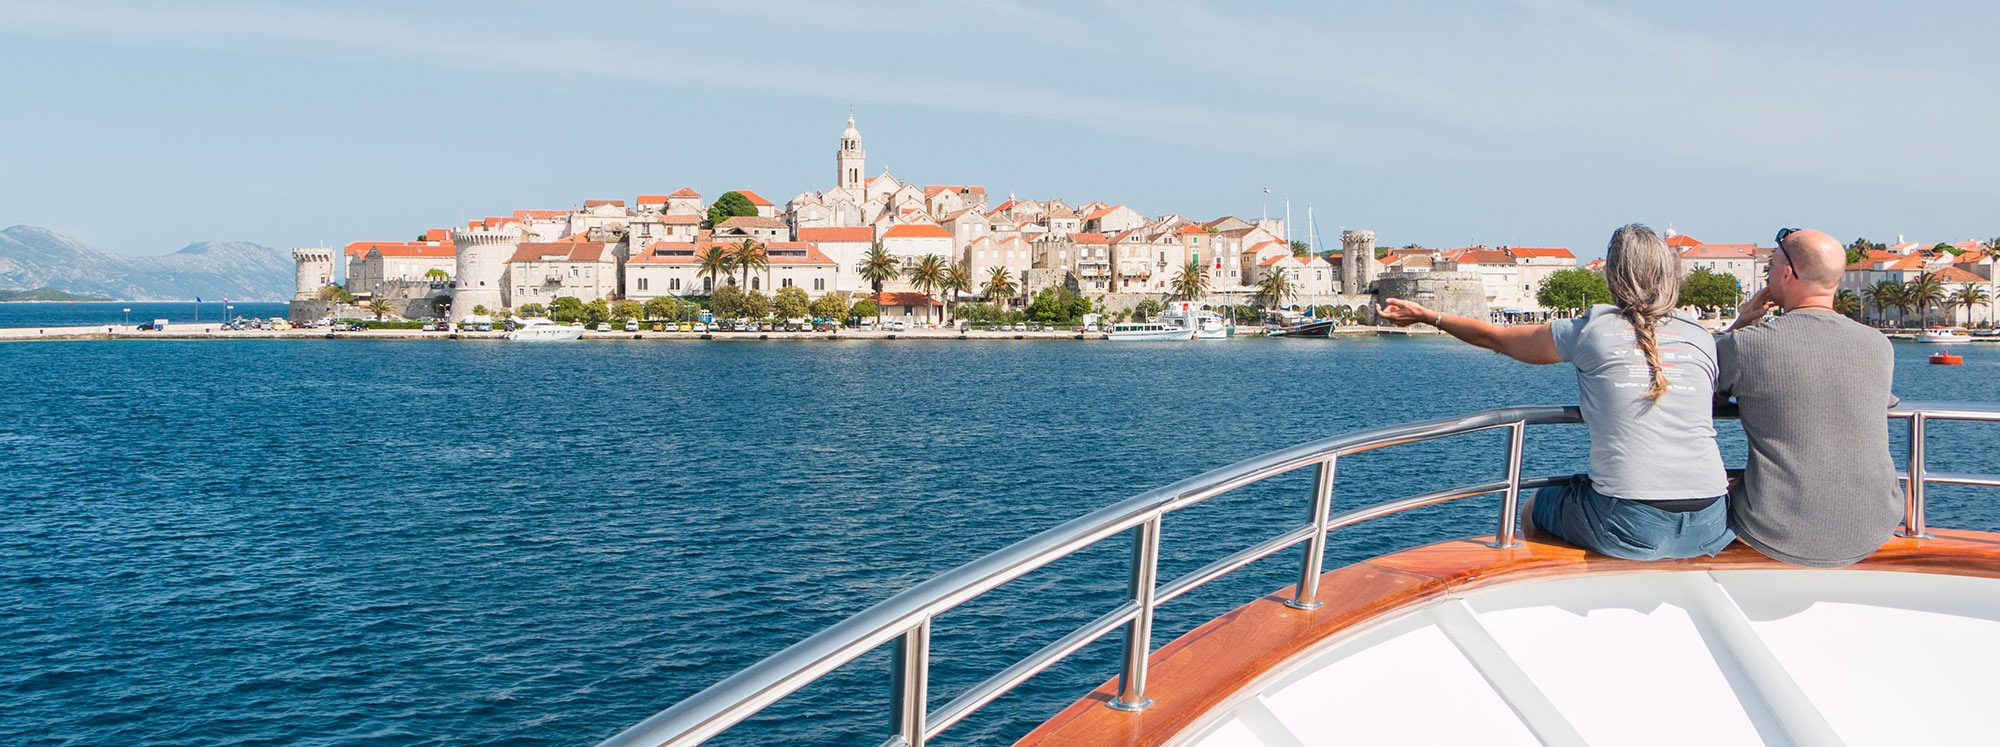 Dalmatian Explorer 2017 Dubrovnik Dubrovnik Cruise Croatia